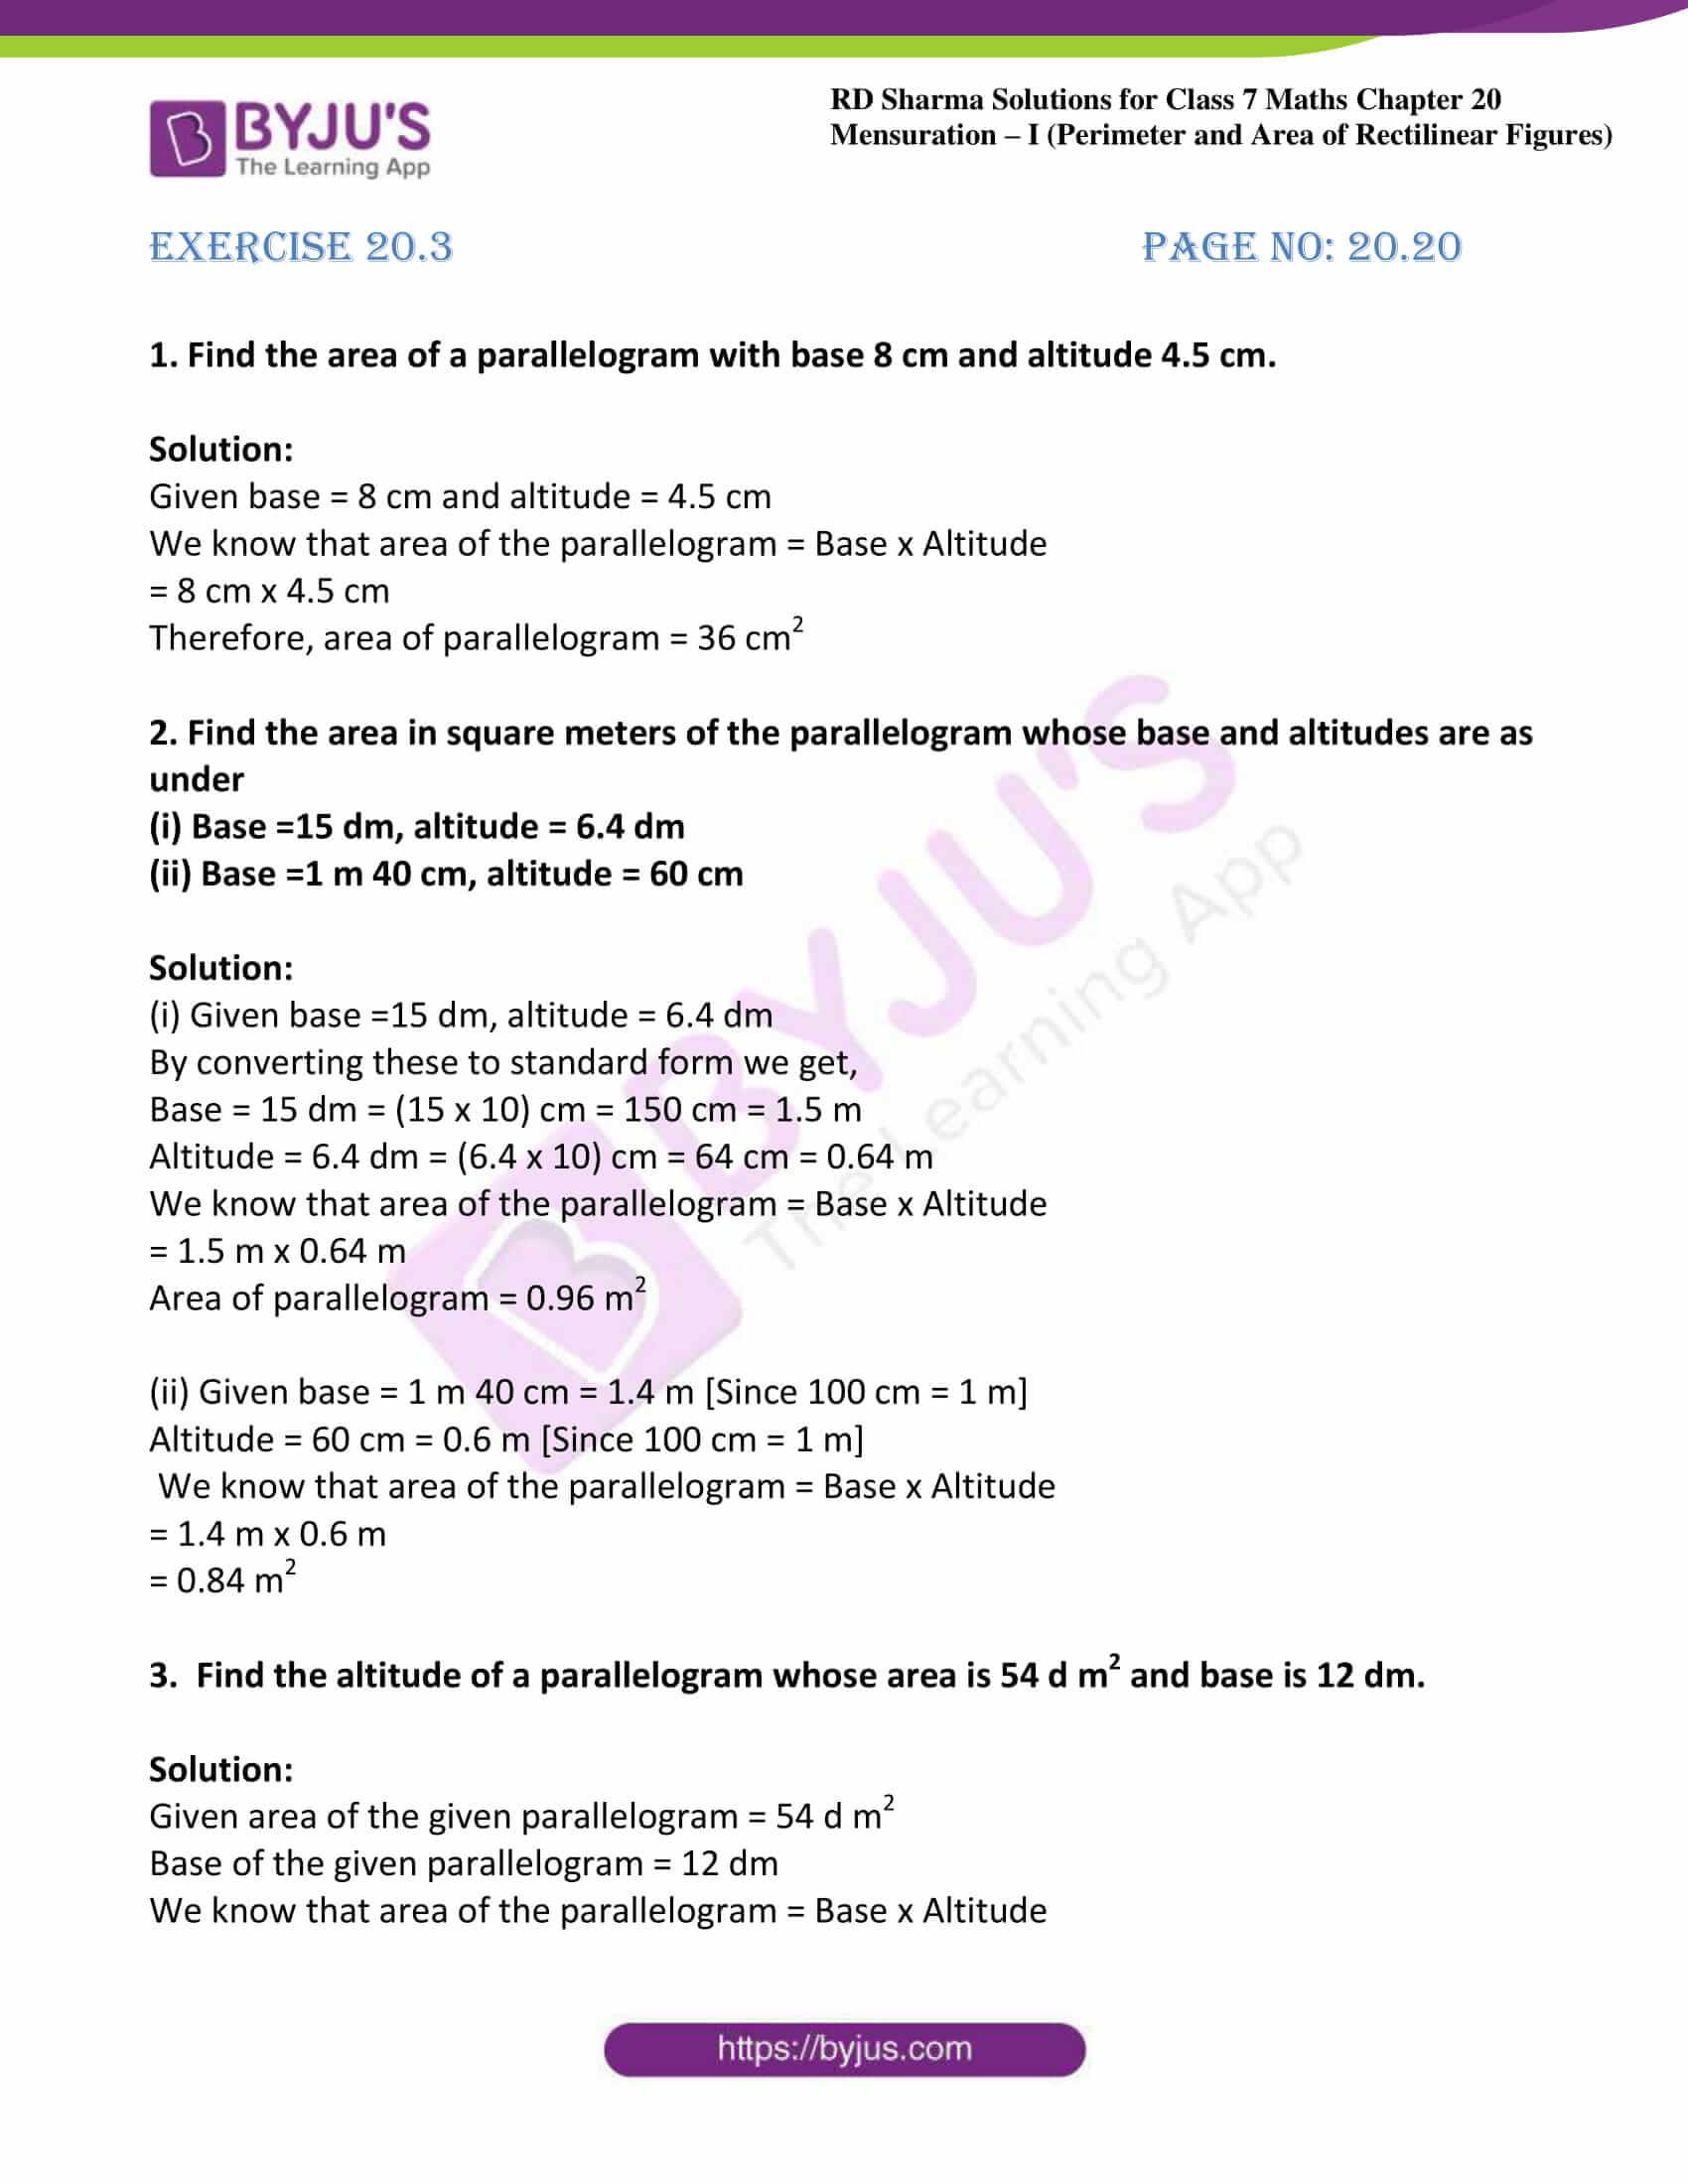 rd sharma maths class7 solution chapter 20 ex 3 01